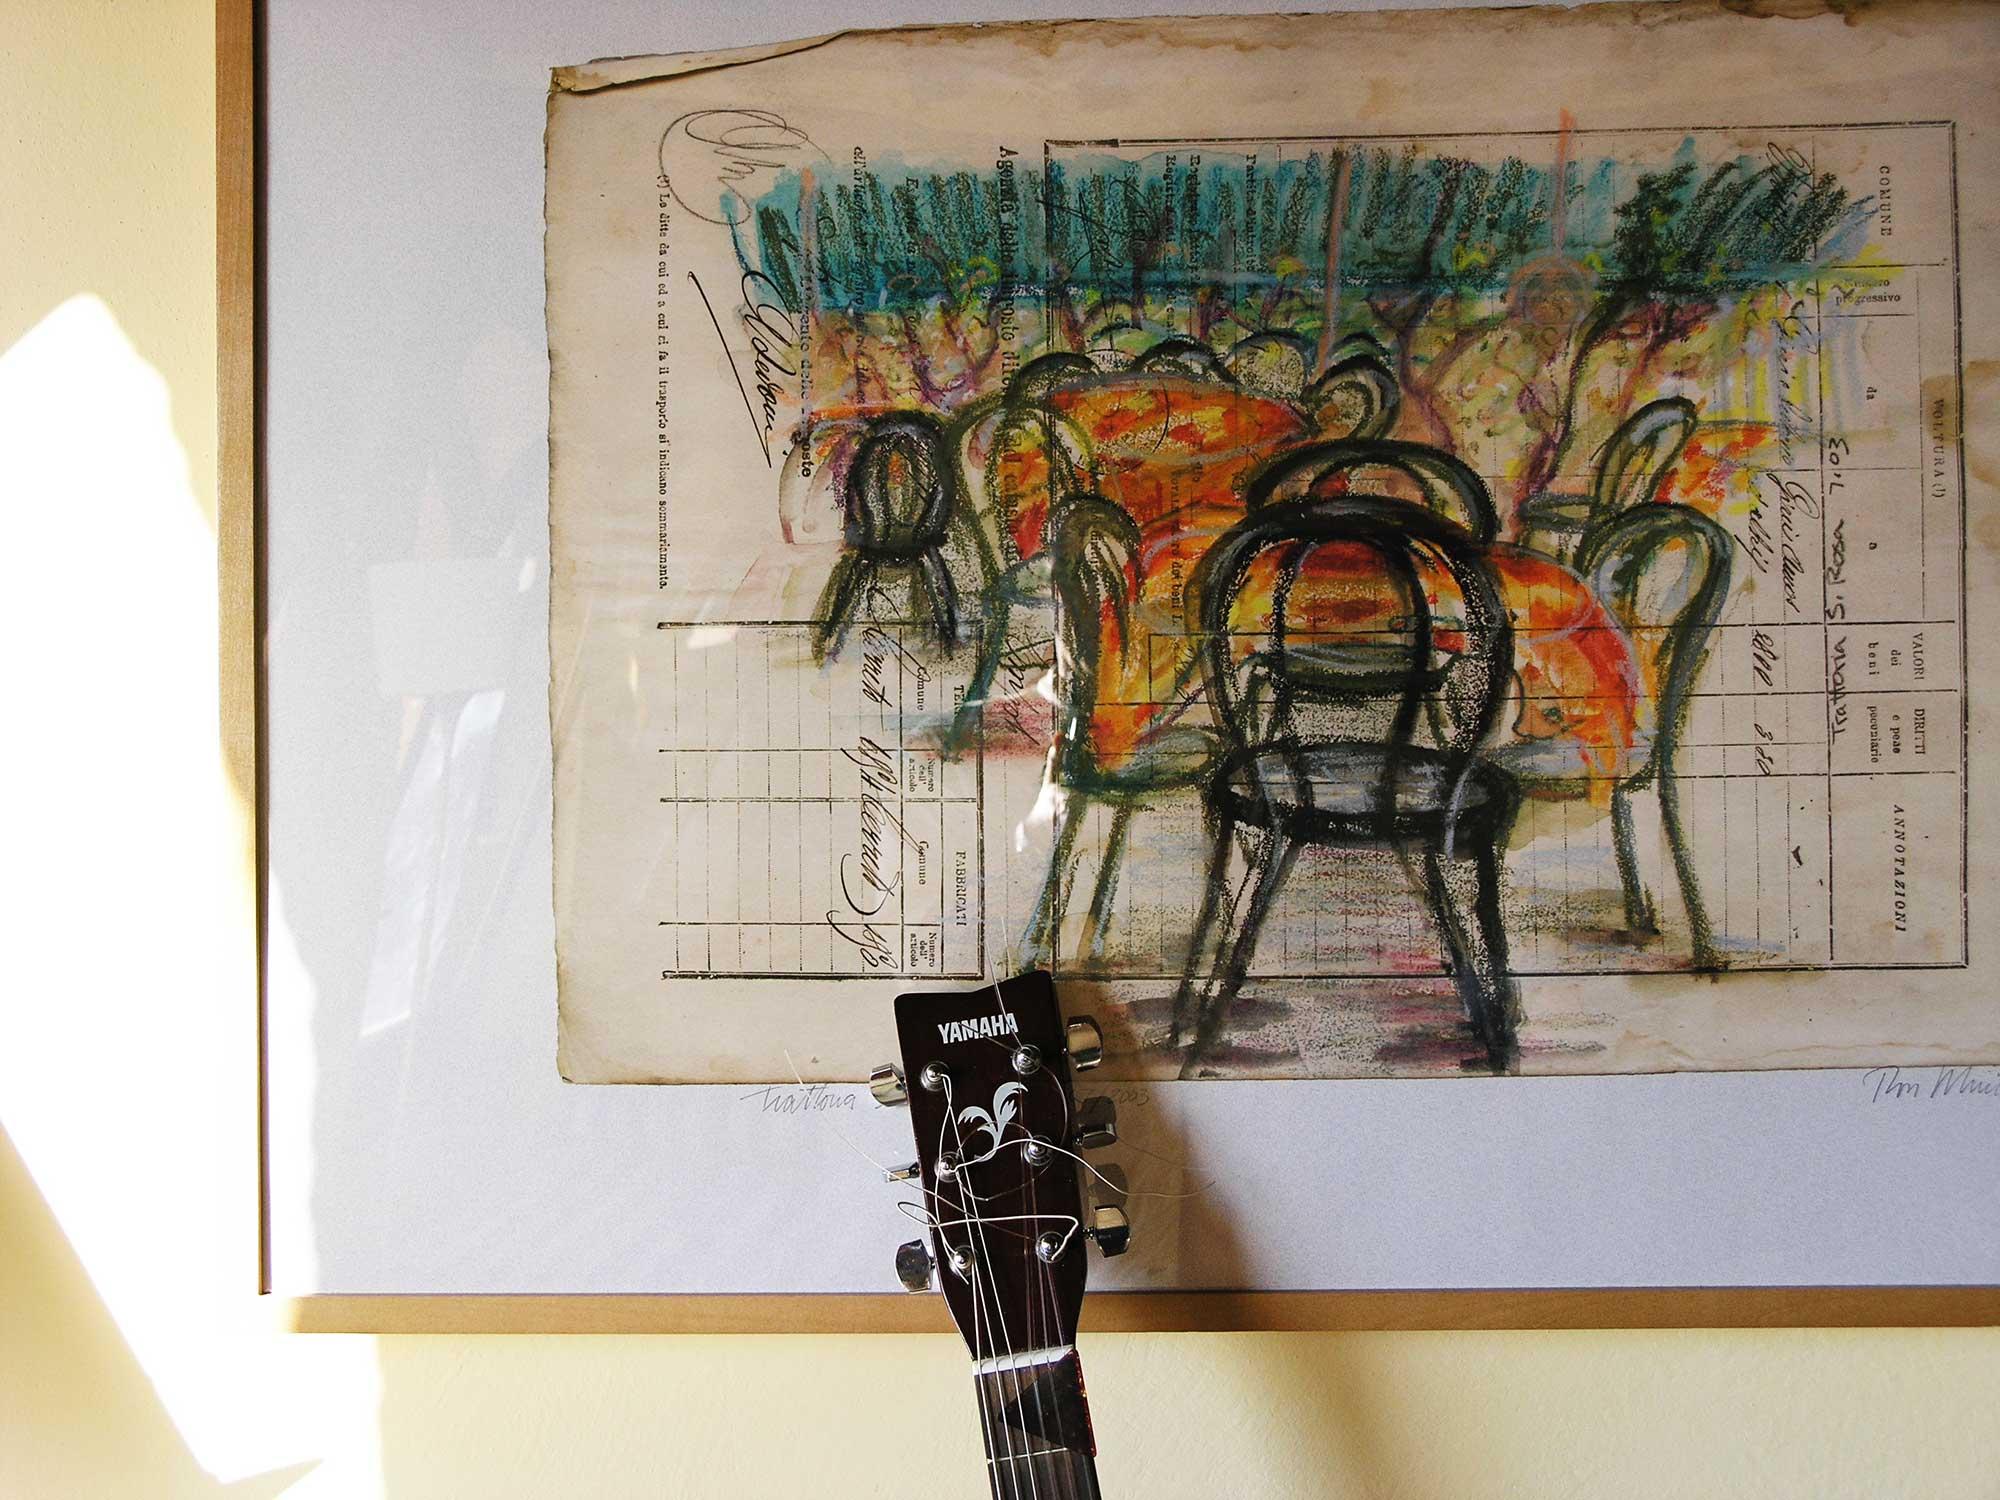 ron-miriello-grafico-Radicondoli-casa-illuminata-siena--Miriello-tuscany-italy-officina-la-pergola-06.jpg